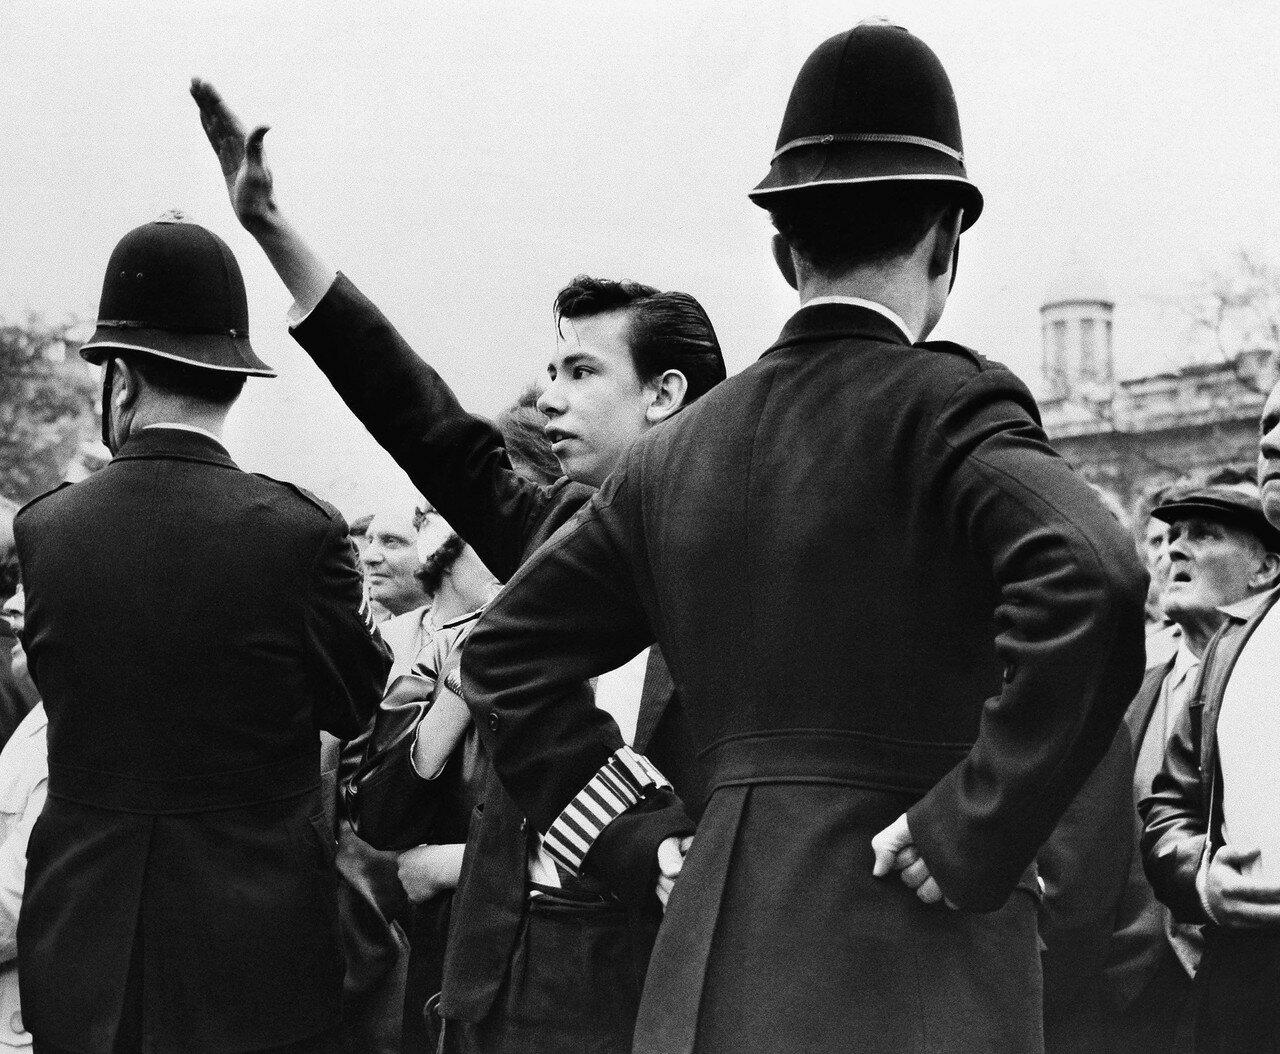 1962. 1 июля. Салют в фашистском стиле во время митинга Юнионистского движения под руководством сэра Освальда Мосли